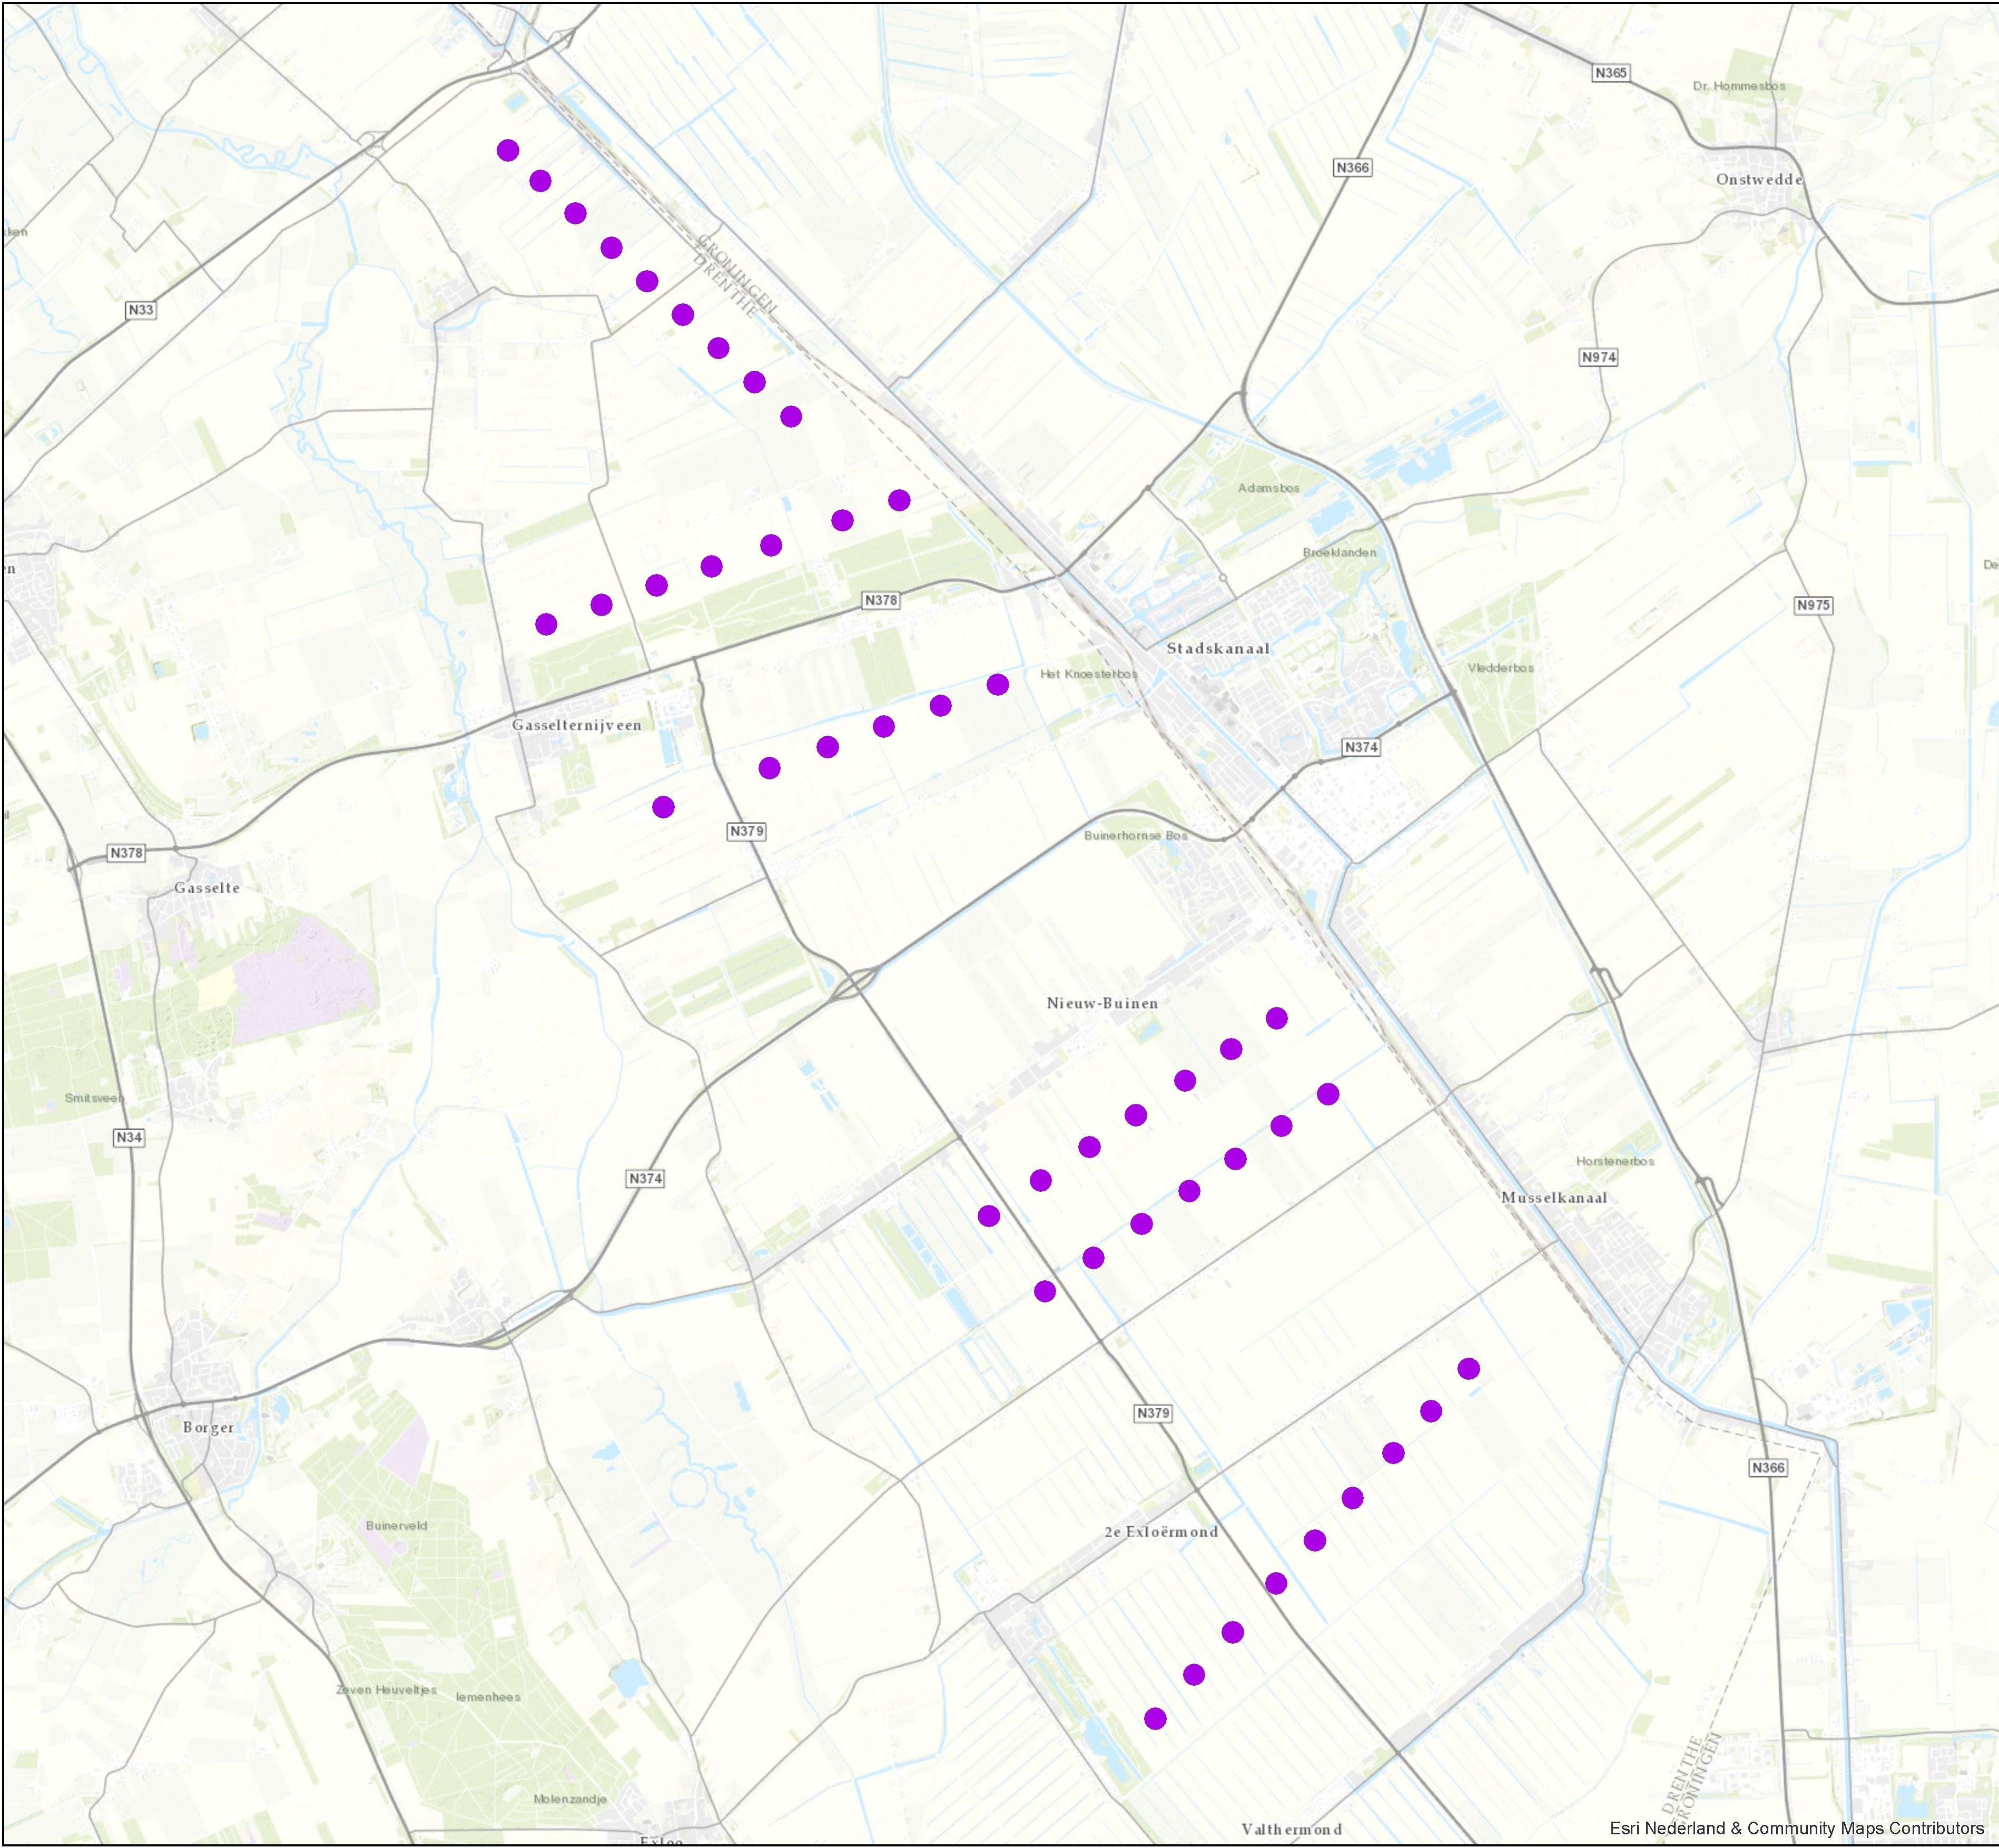 Geen herziening over besluitvorming rond Windpark De Drentse Monden en Oostermoer